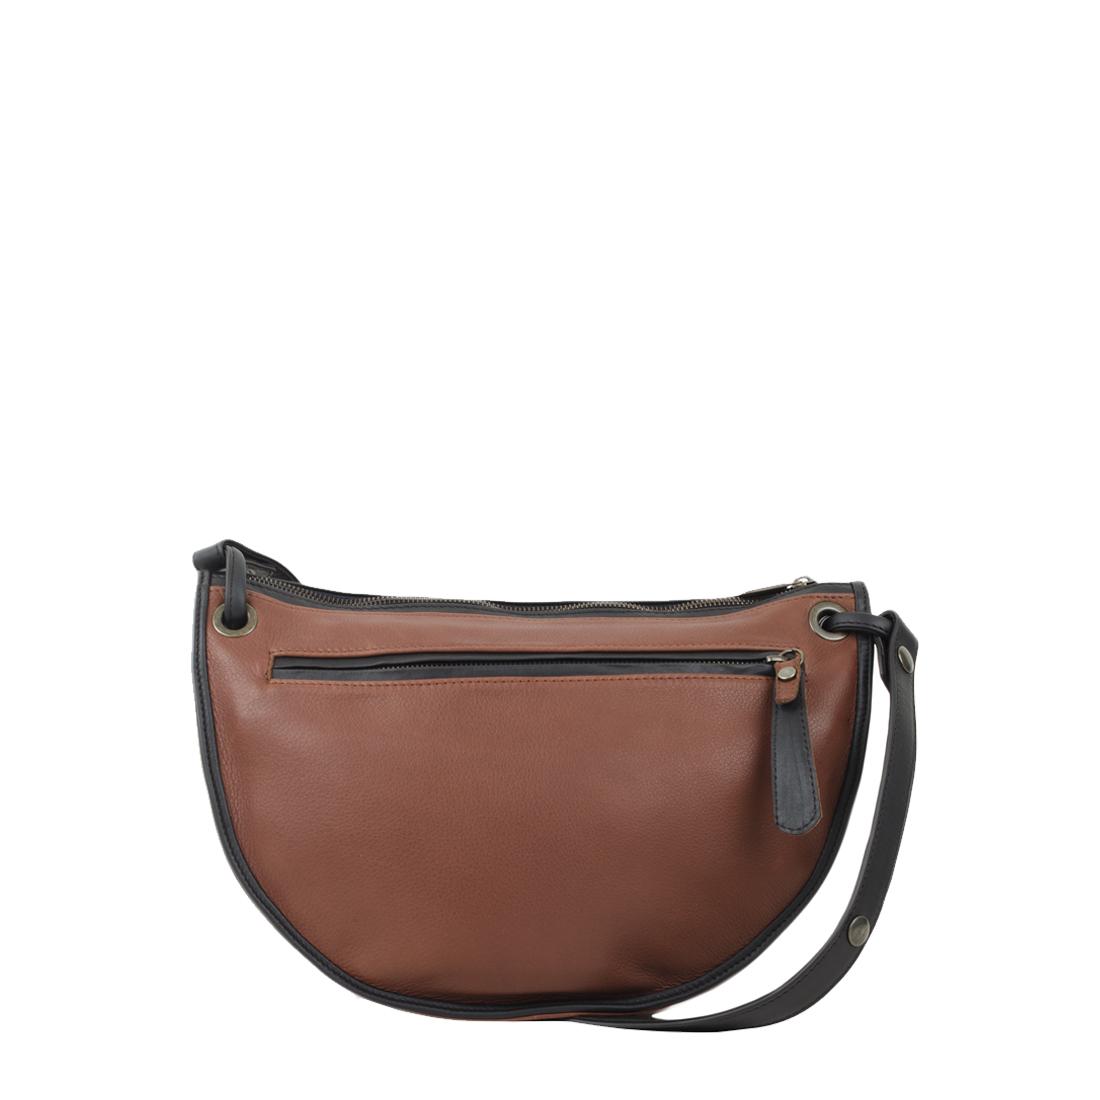 Rachel Tan Leather Across Body Bag